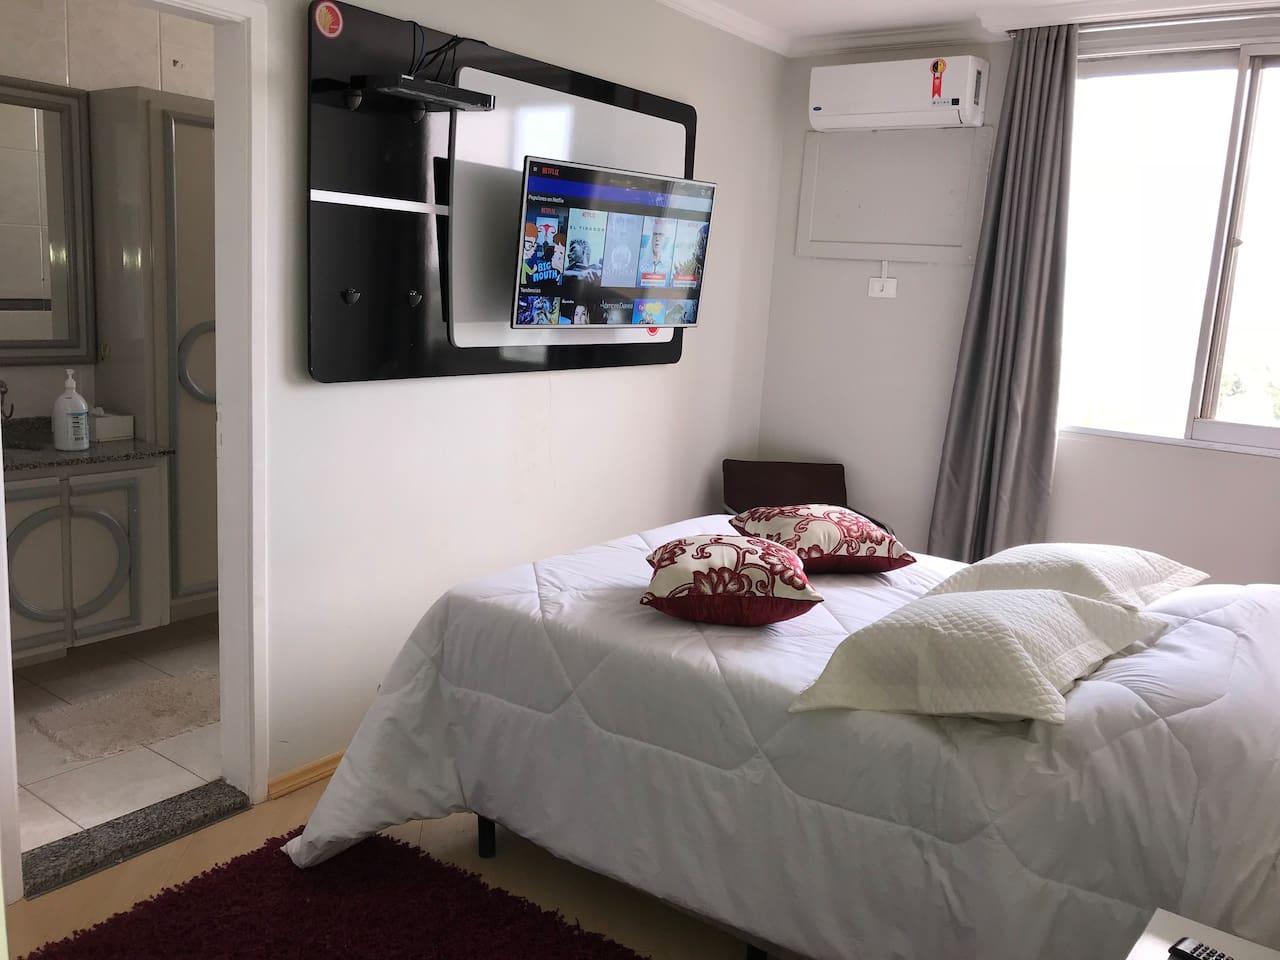 Dormitorio Principal con baño privado, Tv Internet. Quarto principal com casa de banho privada, Internet Tv. Master bedroom with private bathroom, Internet Tv.